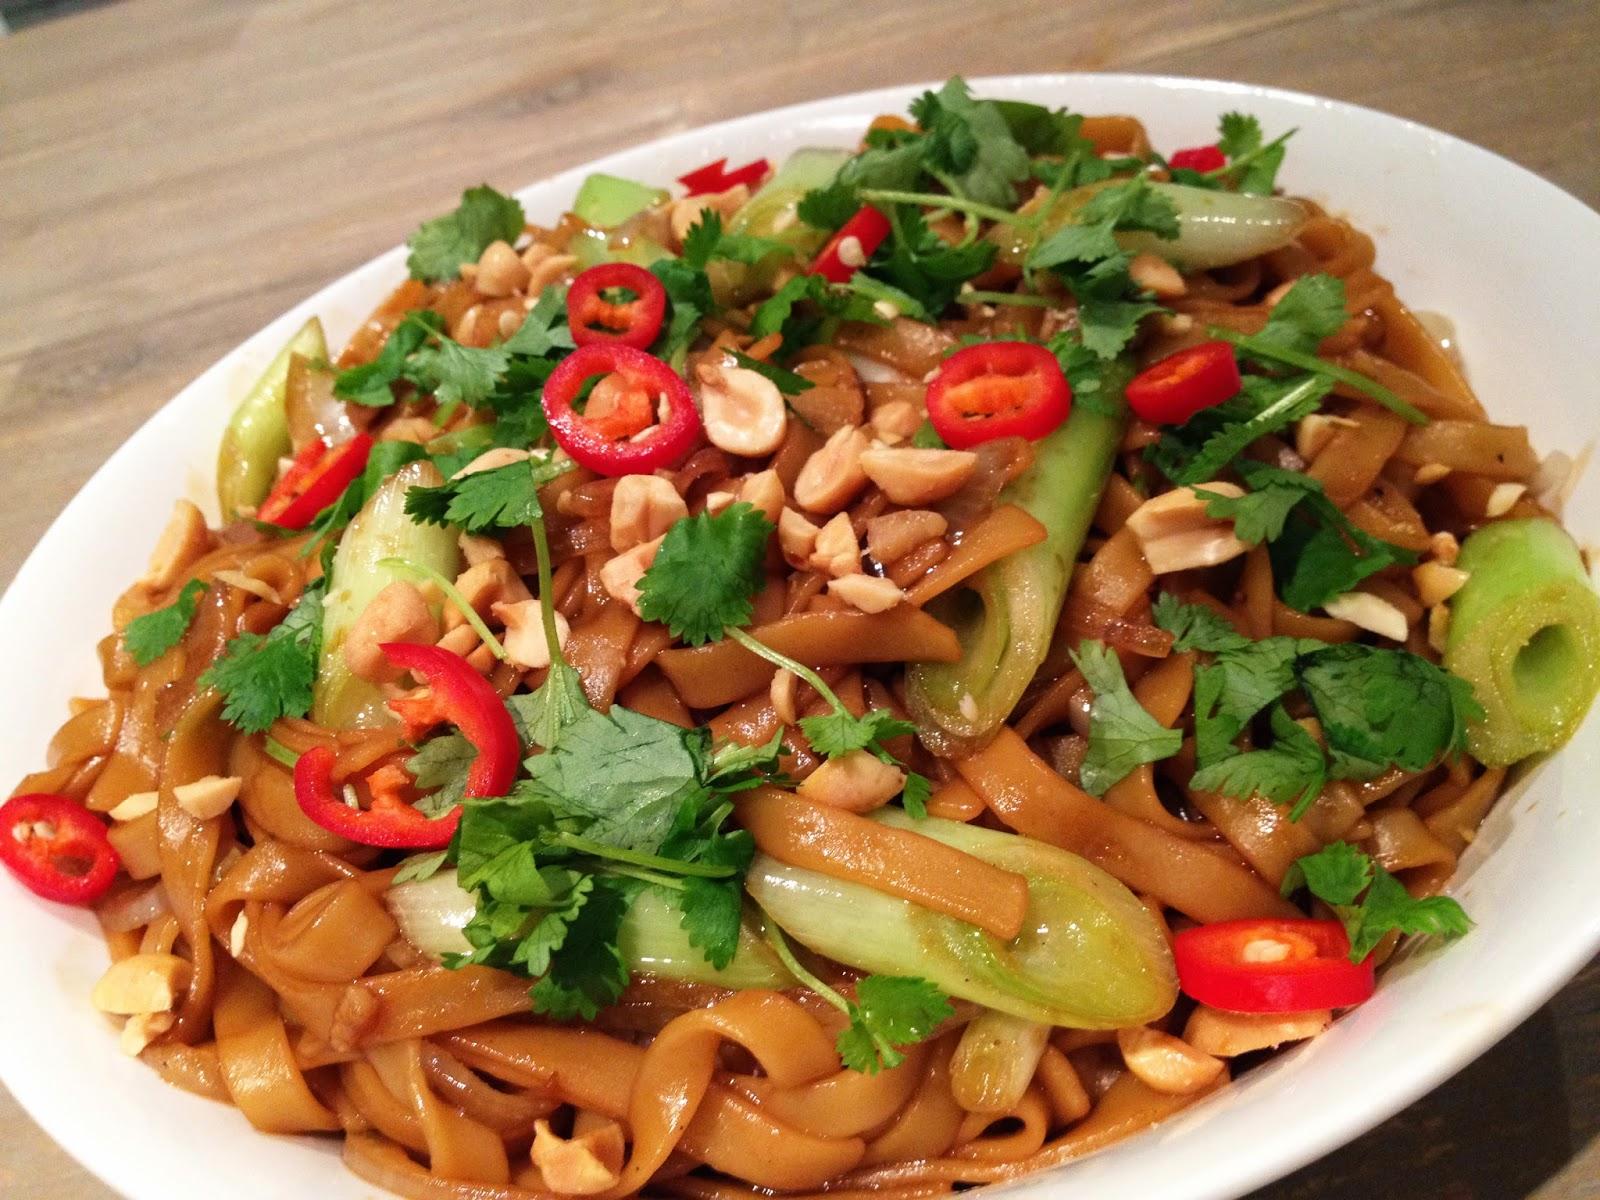 http://www.lilliansmatblogg.no/2013/09/stekte-thainudler.html